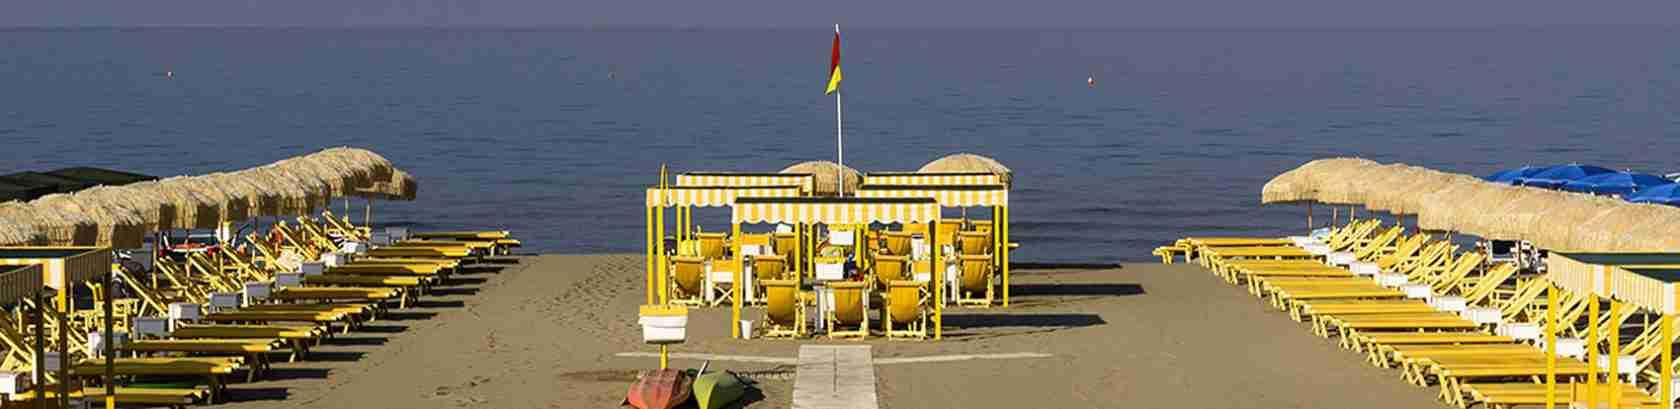 Le escort Pisa adorano raggiungere, nel periodo estivo, le spiagge della Versilia per trascorrere una giornata al mare. Magica Escort